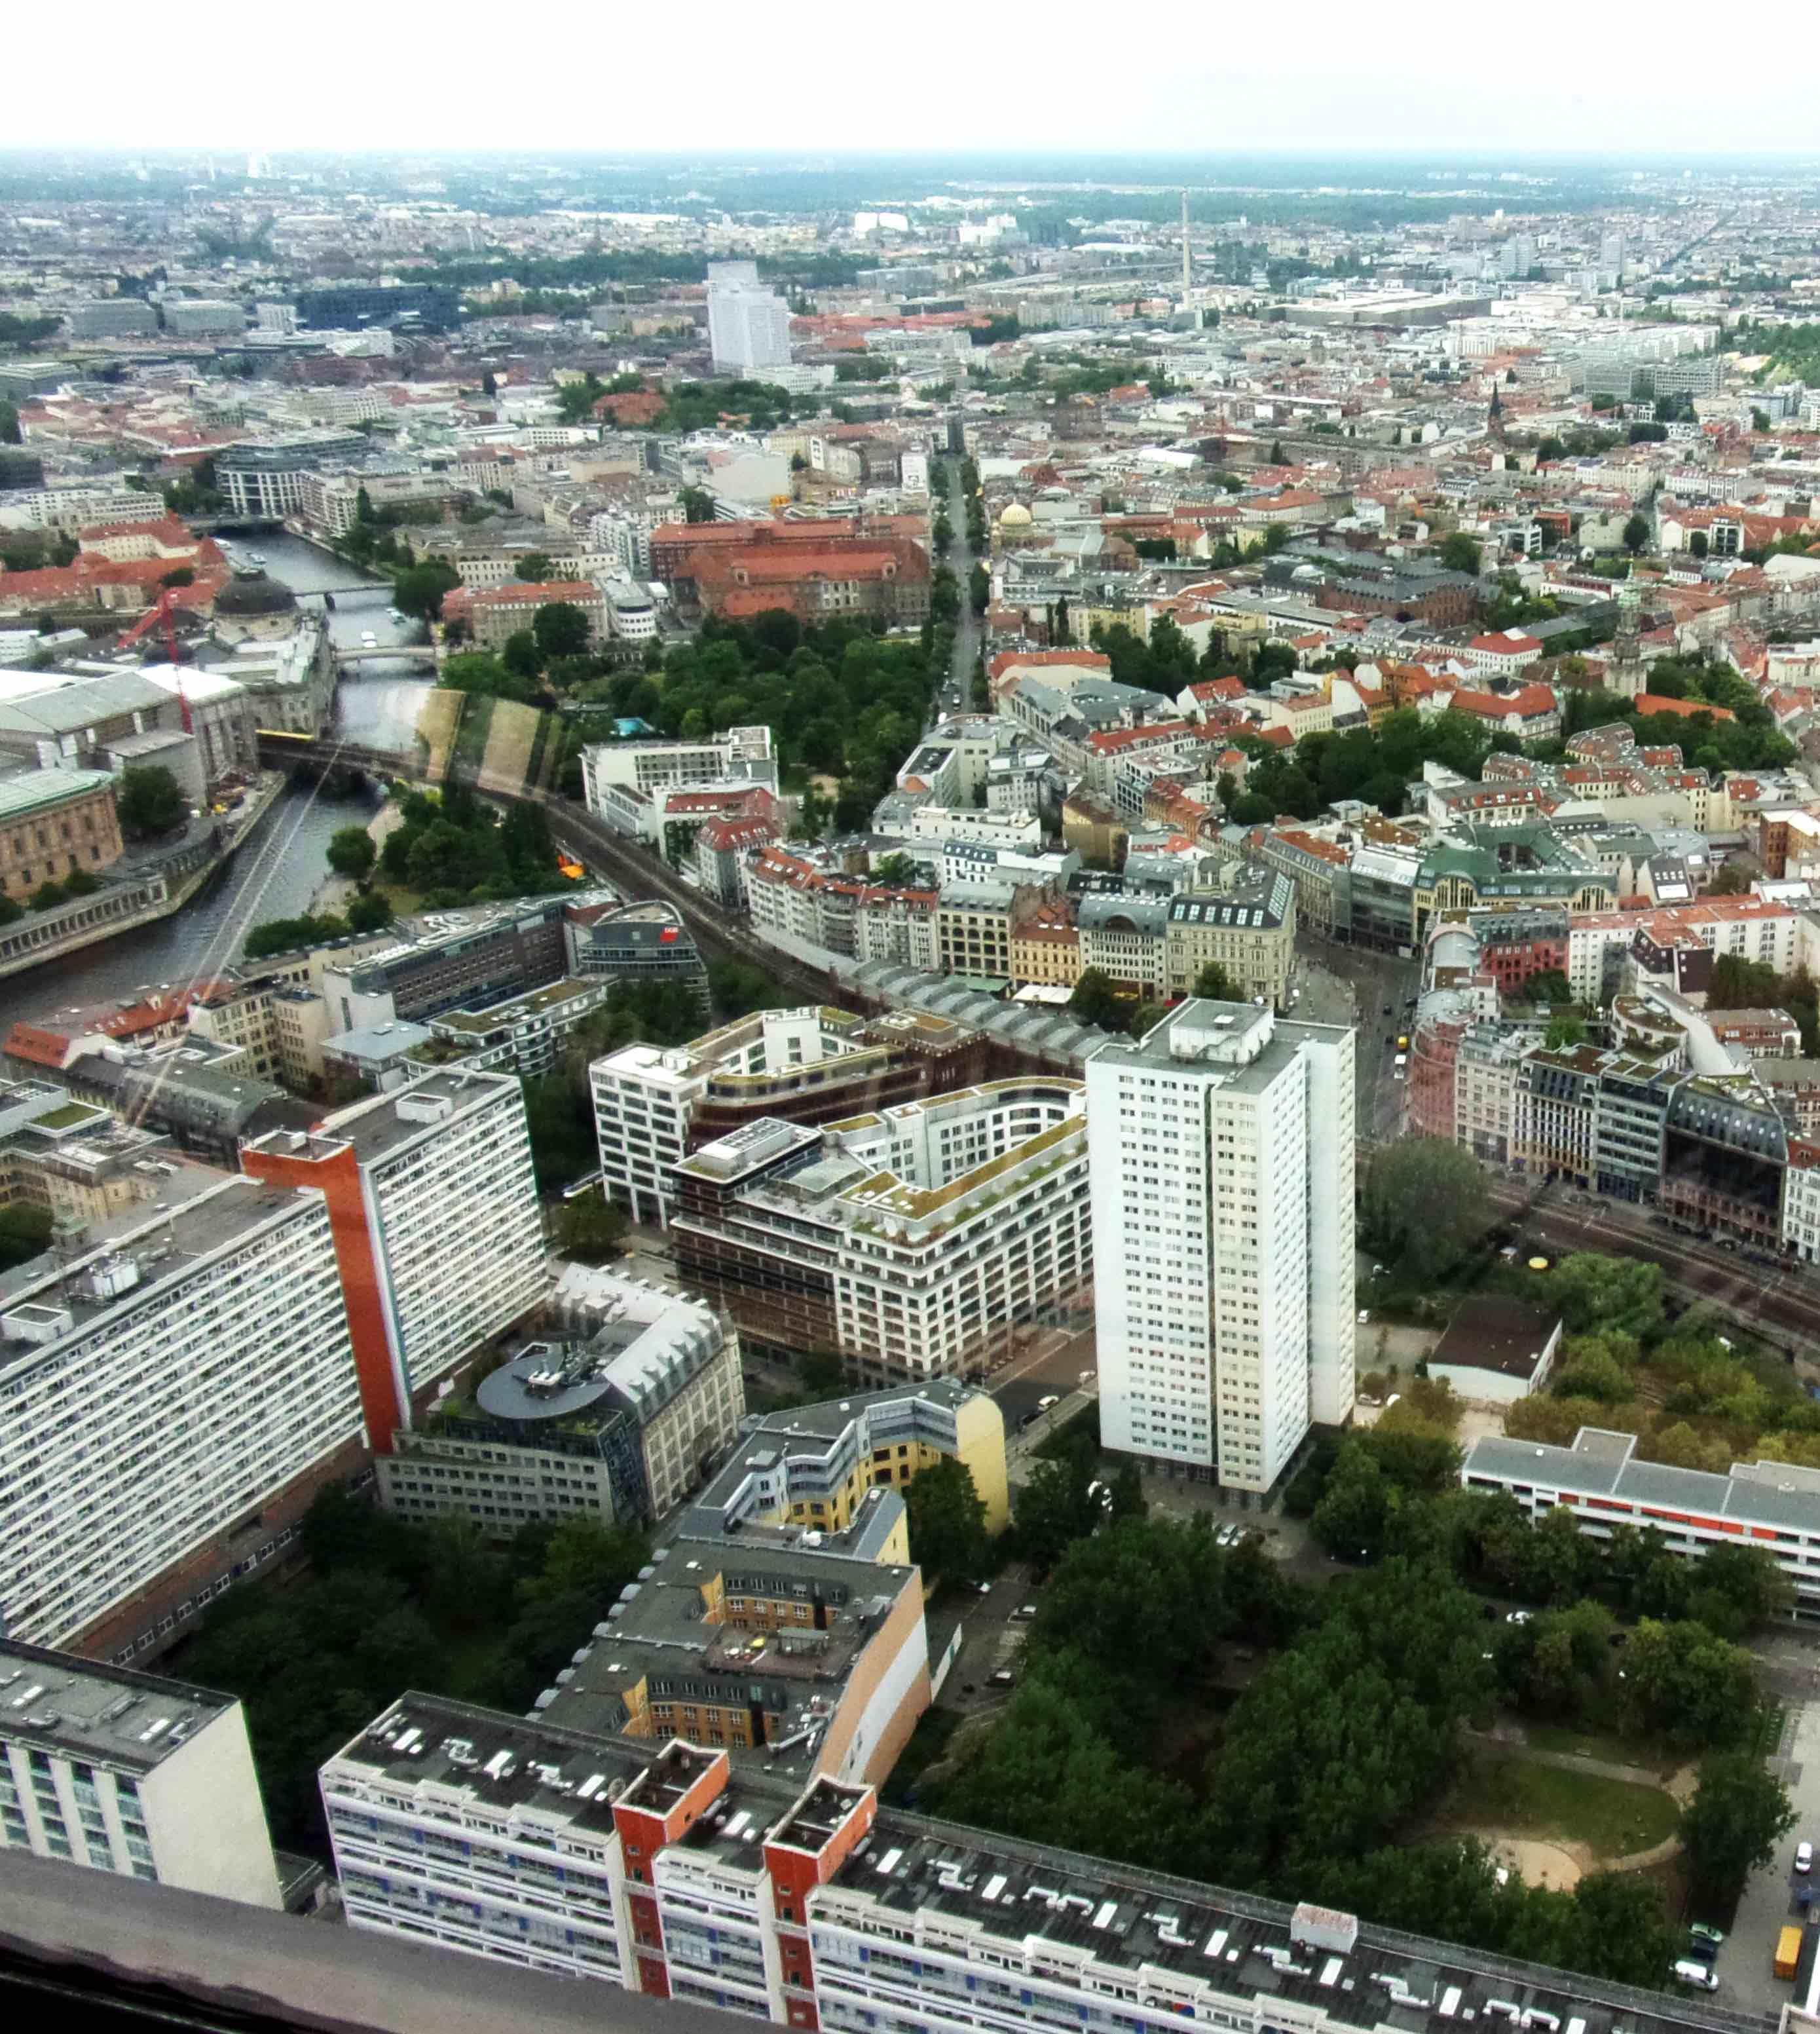 Blick vom Fernsehturm am Alexanderplatz Berlin.